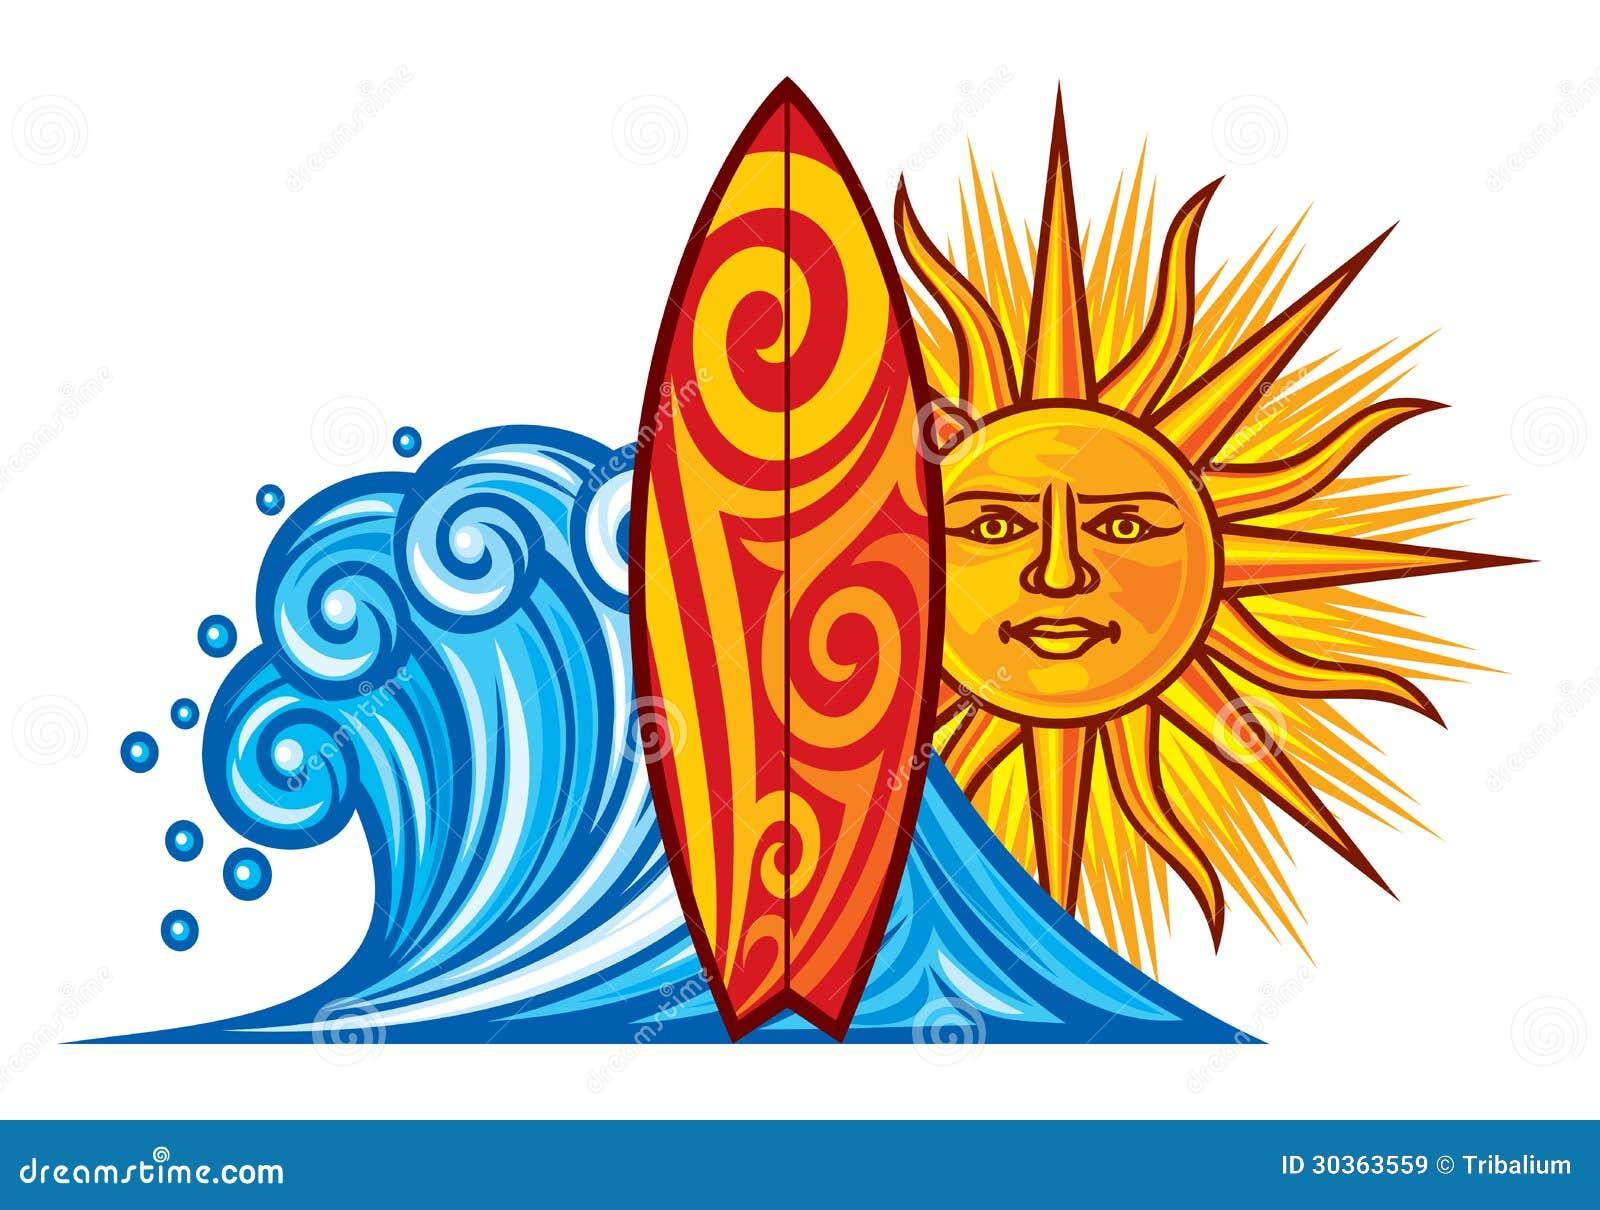 Surf design stock vector. Illustration of natural, surf